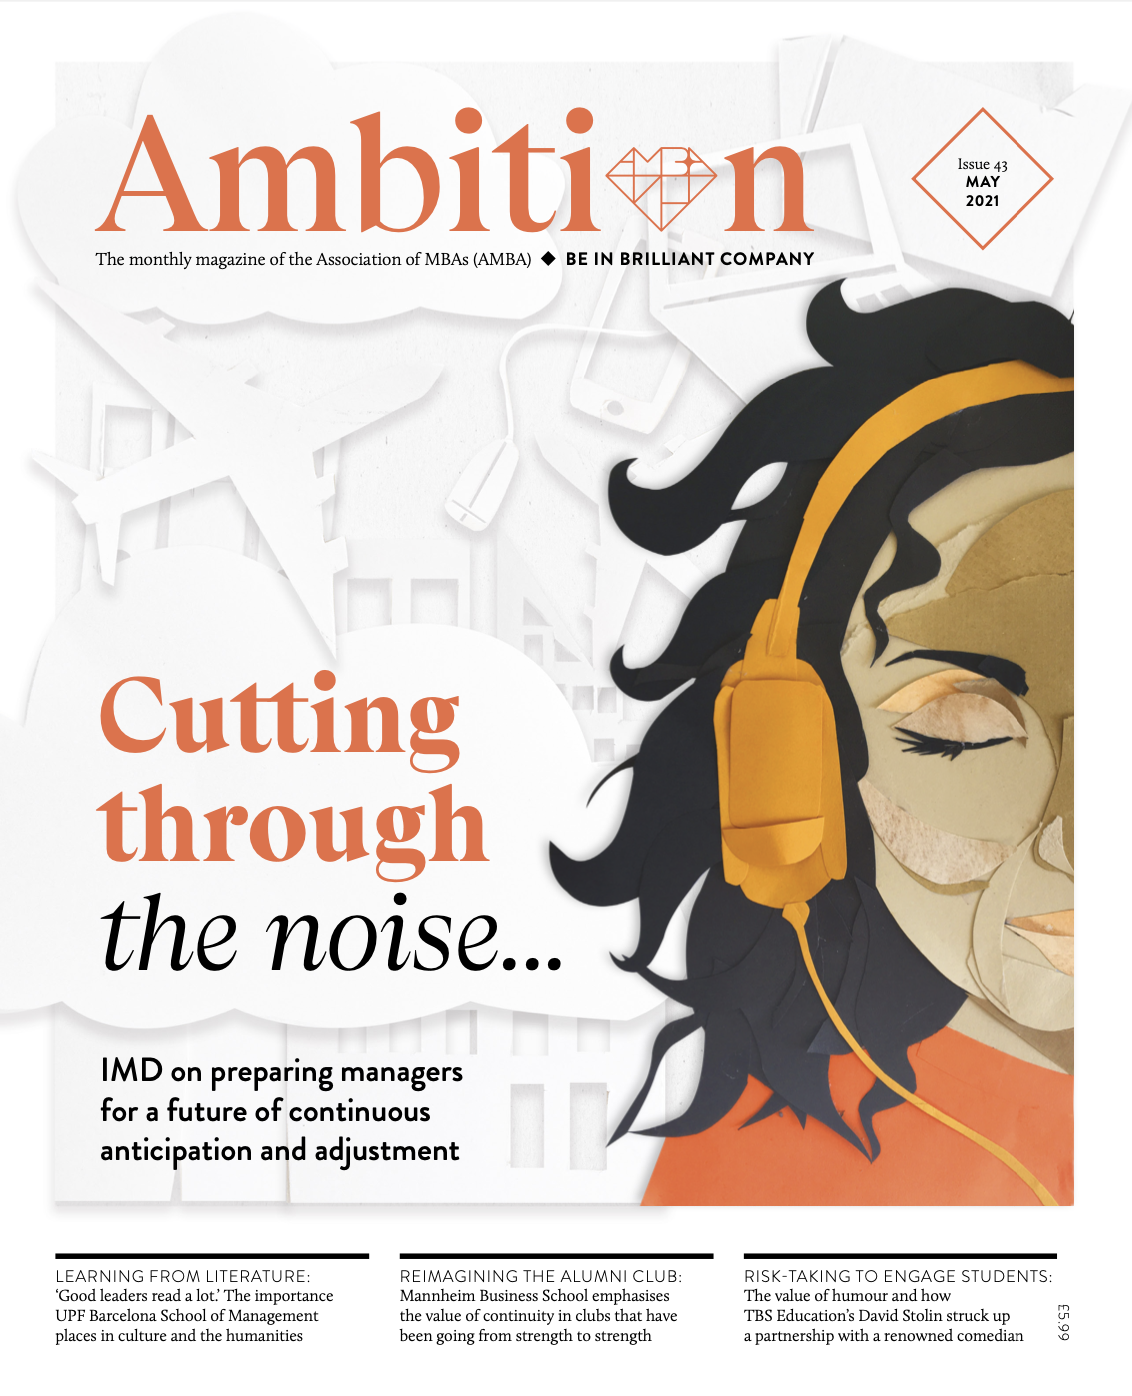 Ambition magazine May 2021